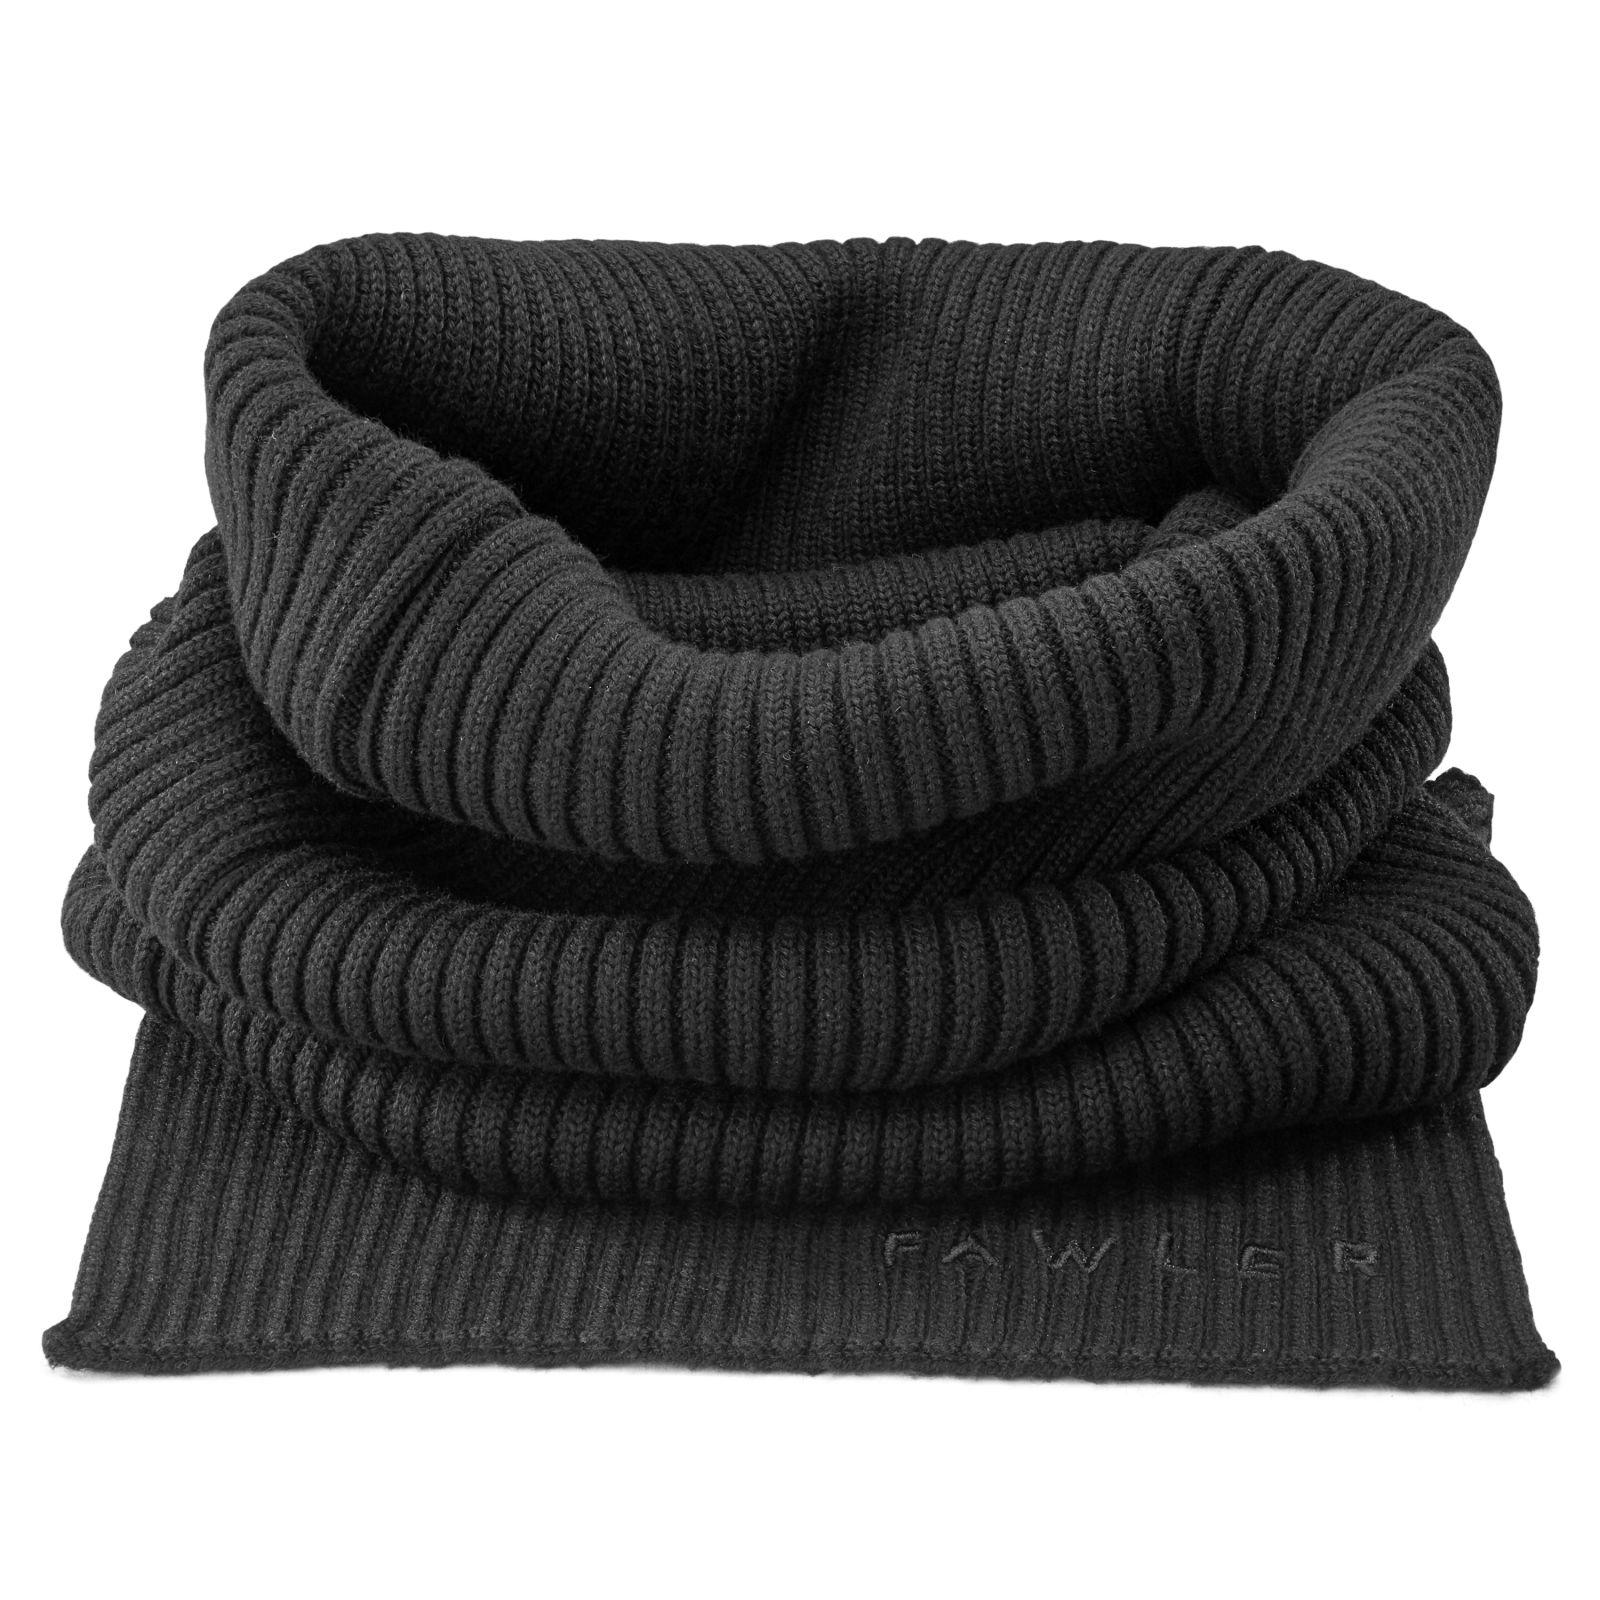 τριχωτό μαύρο σωλήνα μεγάλο καβλί tshirt